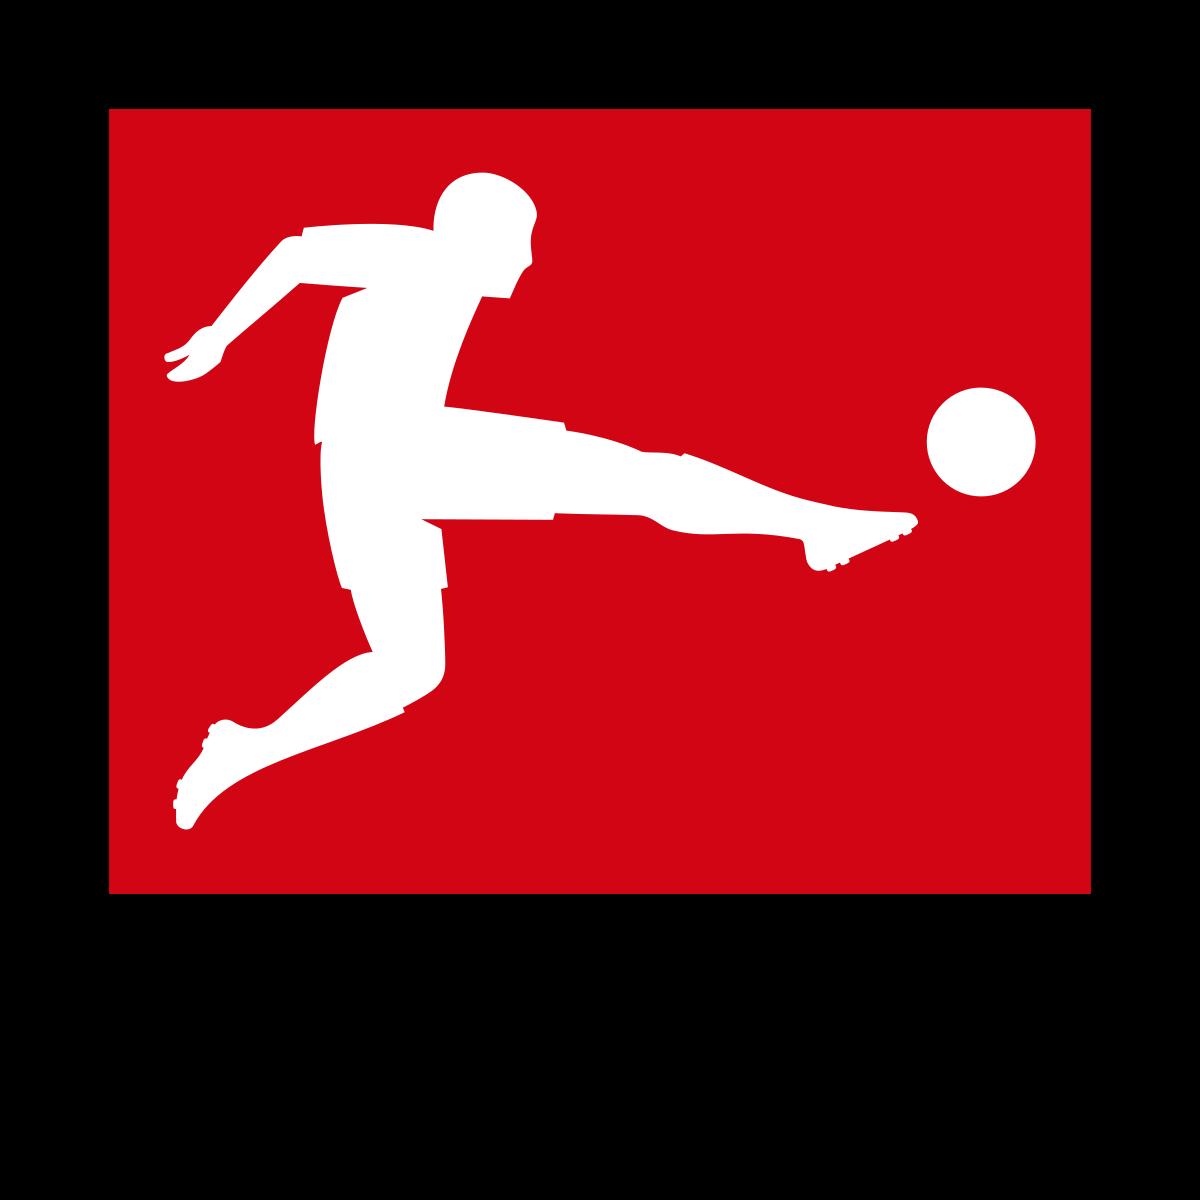 德国足球职业联盟:今年或无法恢复有现场观众的比赛